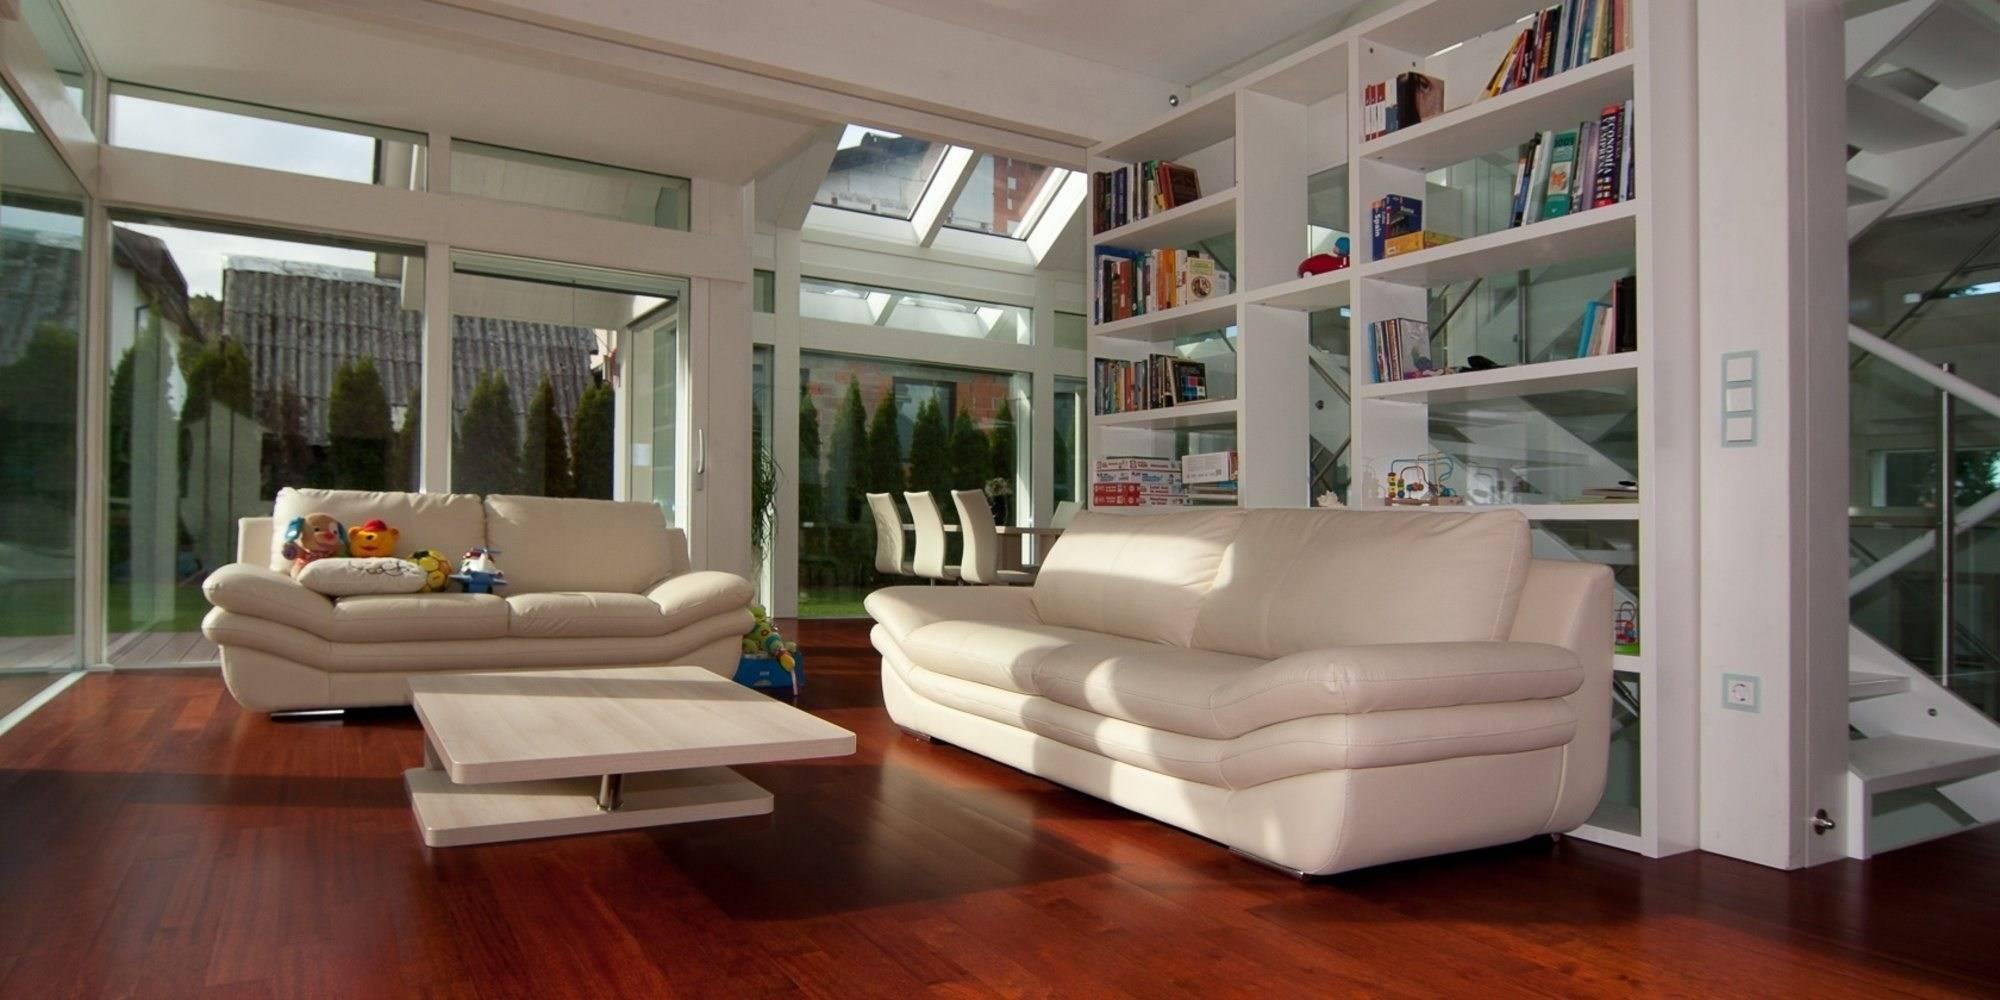 Stilvolle Architektur in weiß